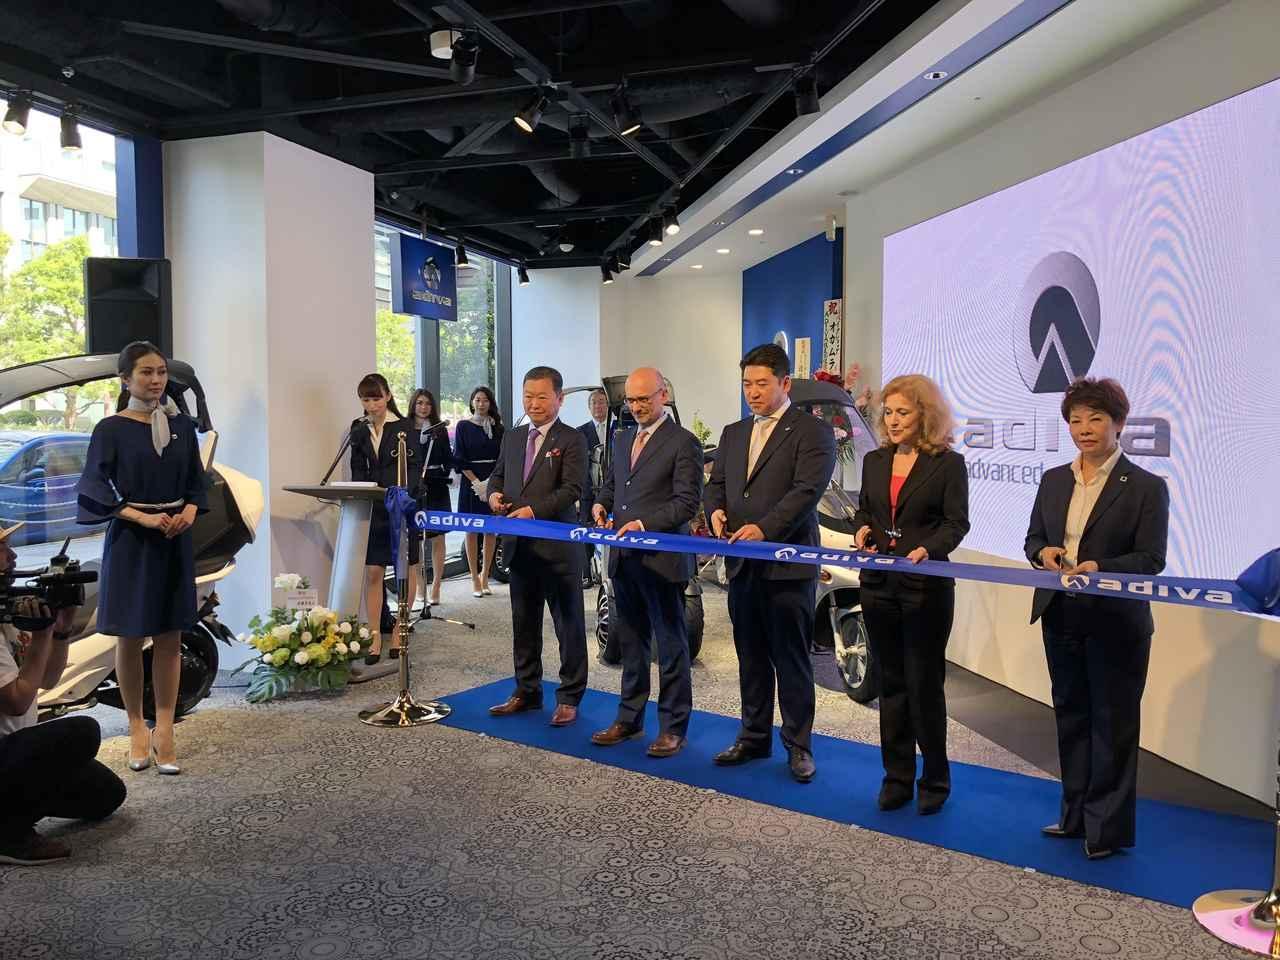 画像: ショールームオープンのテープカット 右から3人目が代表取締役の池田氏